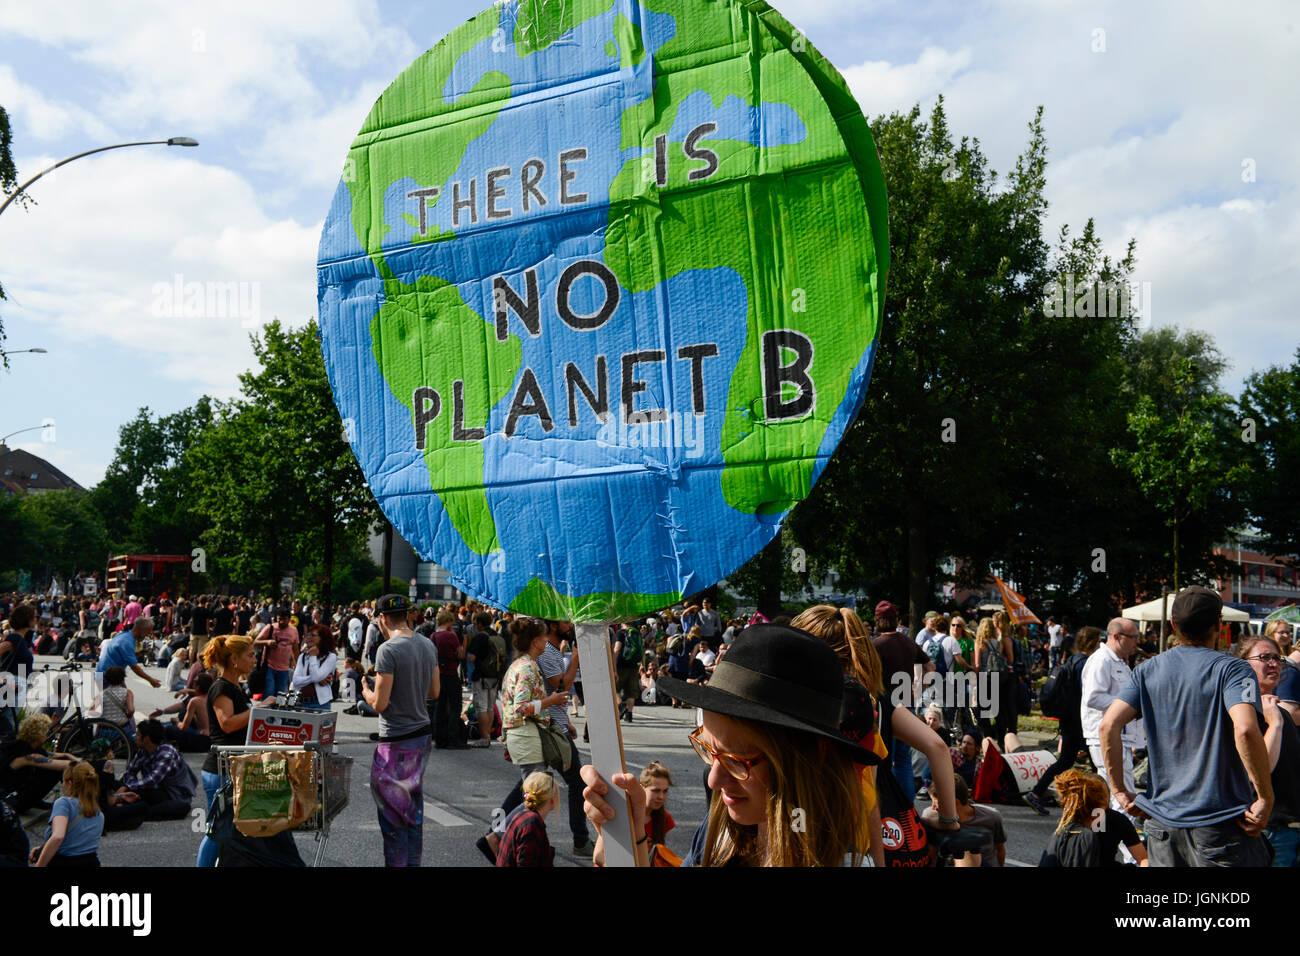 Amburgo, Germania. 8 lug 2017. Protesta rally su St. Pauli contro summit G-20 nel luglio 2017, donna di tenere un Immagini Stock